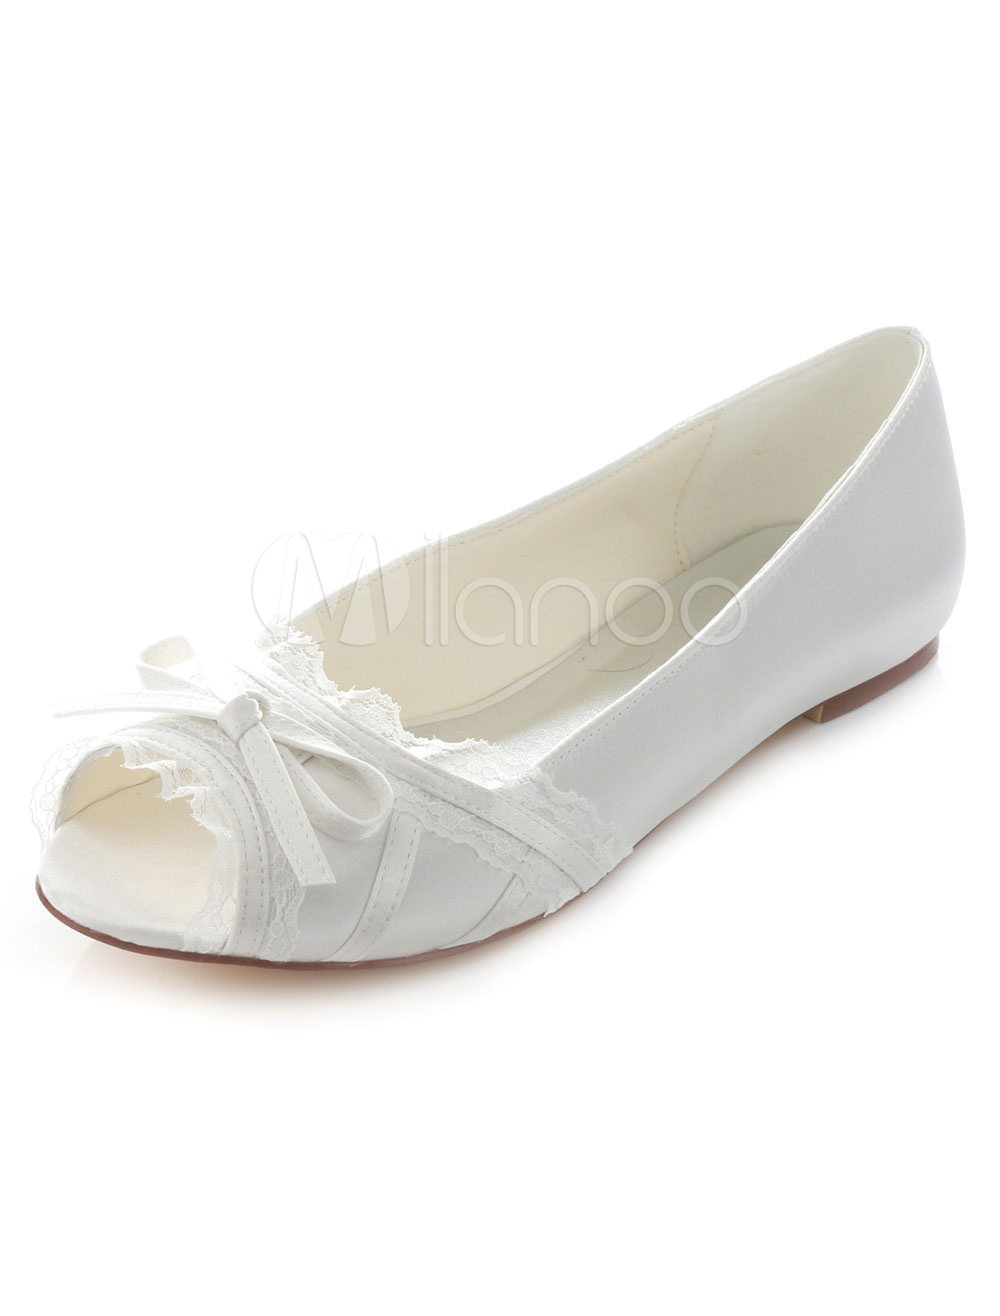 9e886baa2e0 White Peep Toe Bridal Flats Bow Lace Satin Wedding Shoes for Women ...